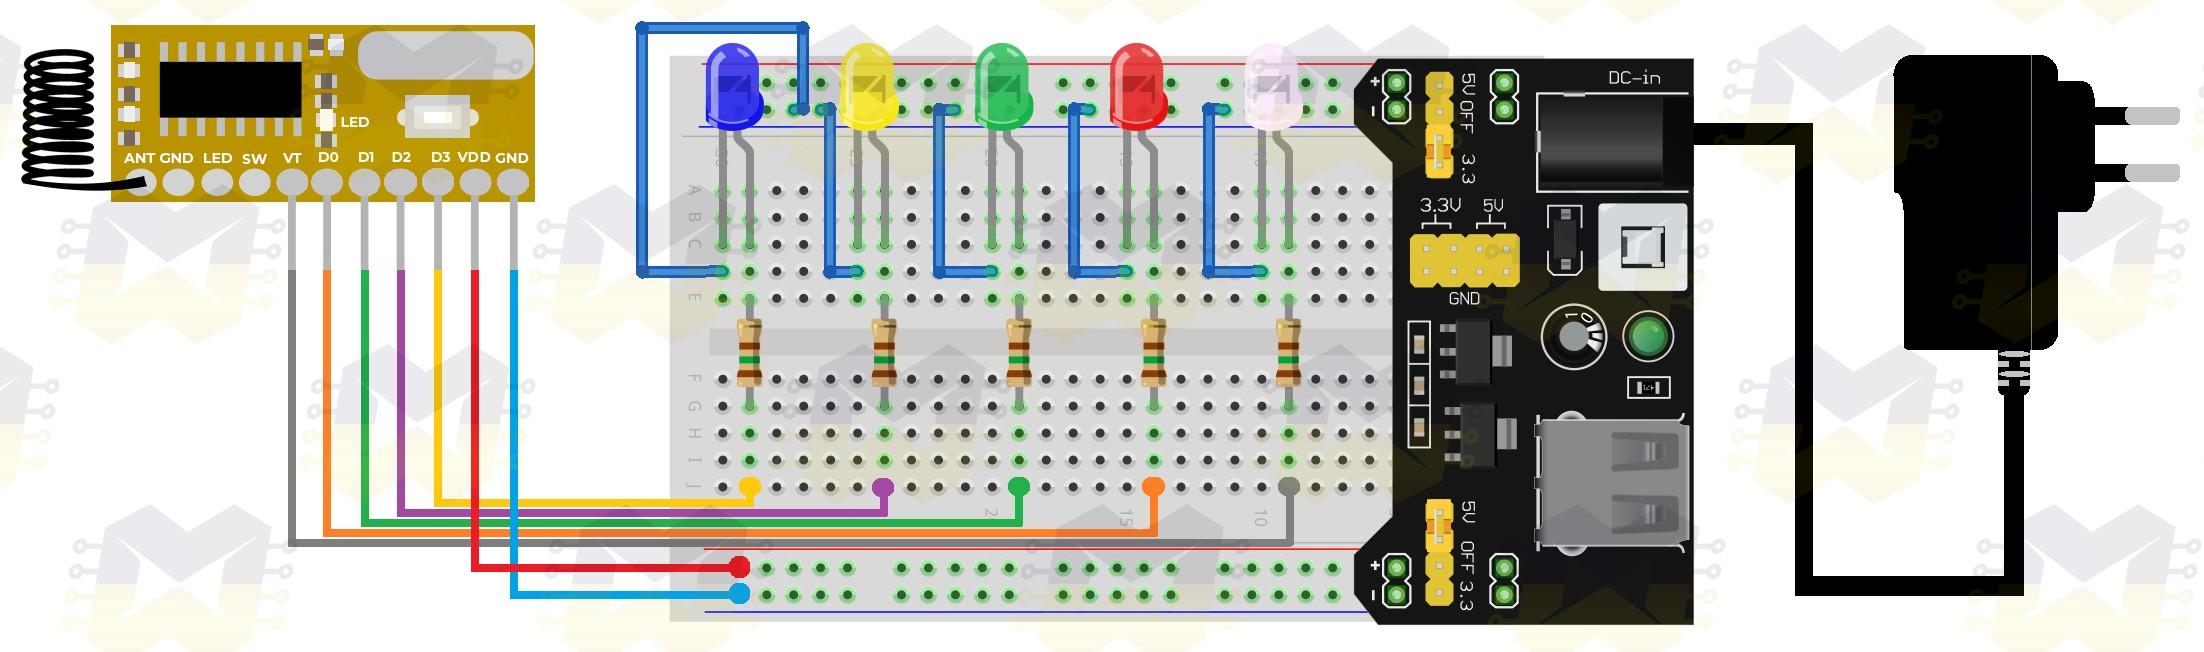 img03_conhecendo_modulo_rxc6_receptor_wireless_superheterodino_rf_433mhz_arduino_esp8266_esp32_controle_remoto_ev1527_pt2262